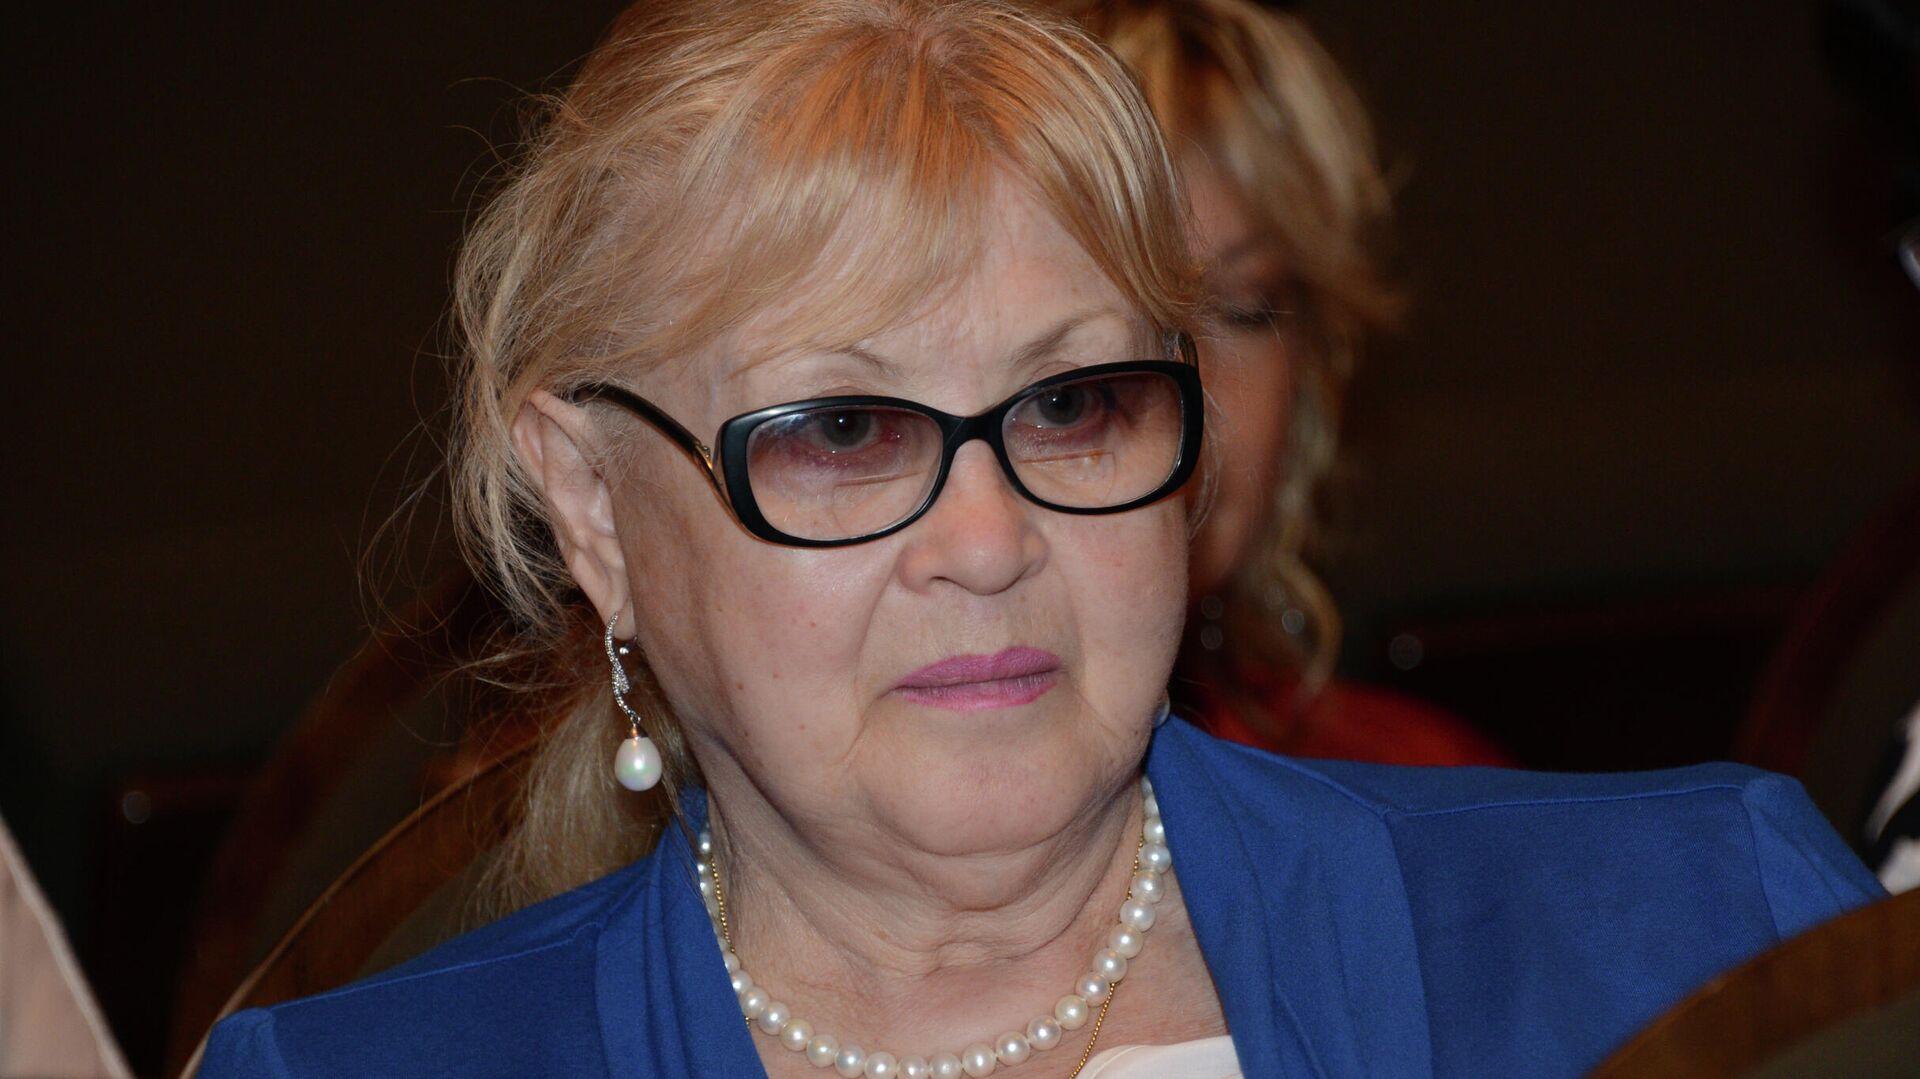 СМИ назвало причину смерти актрисы Нины Шацкой